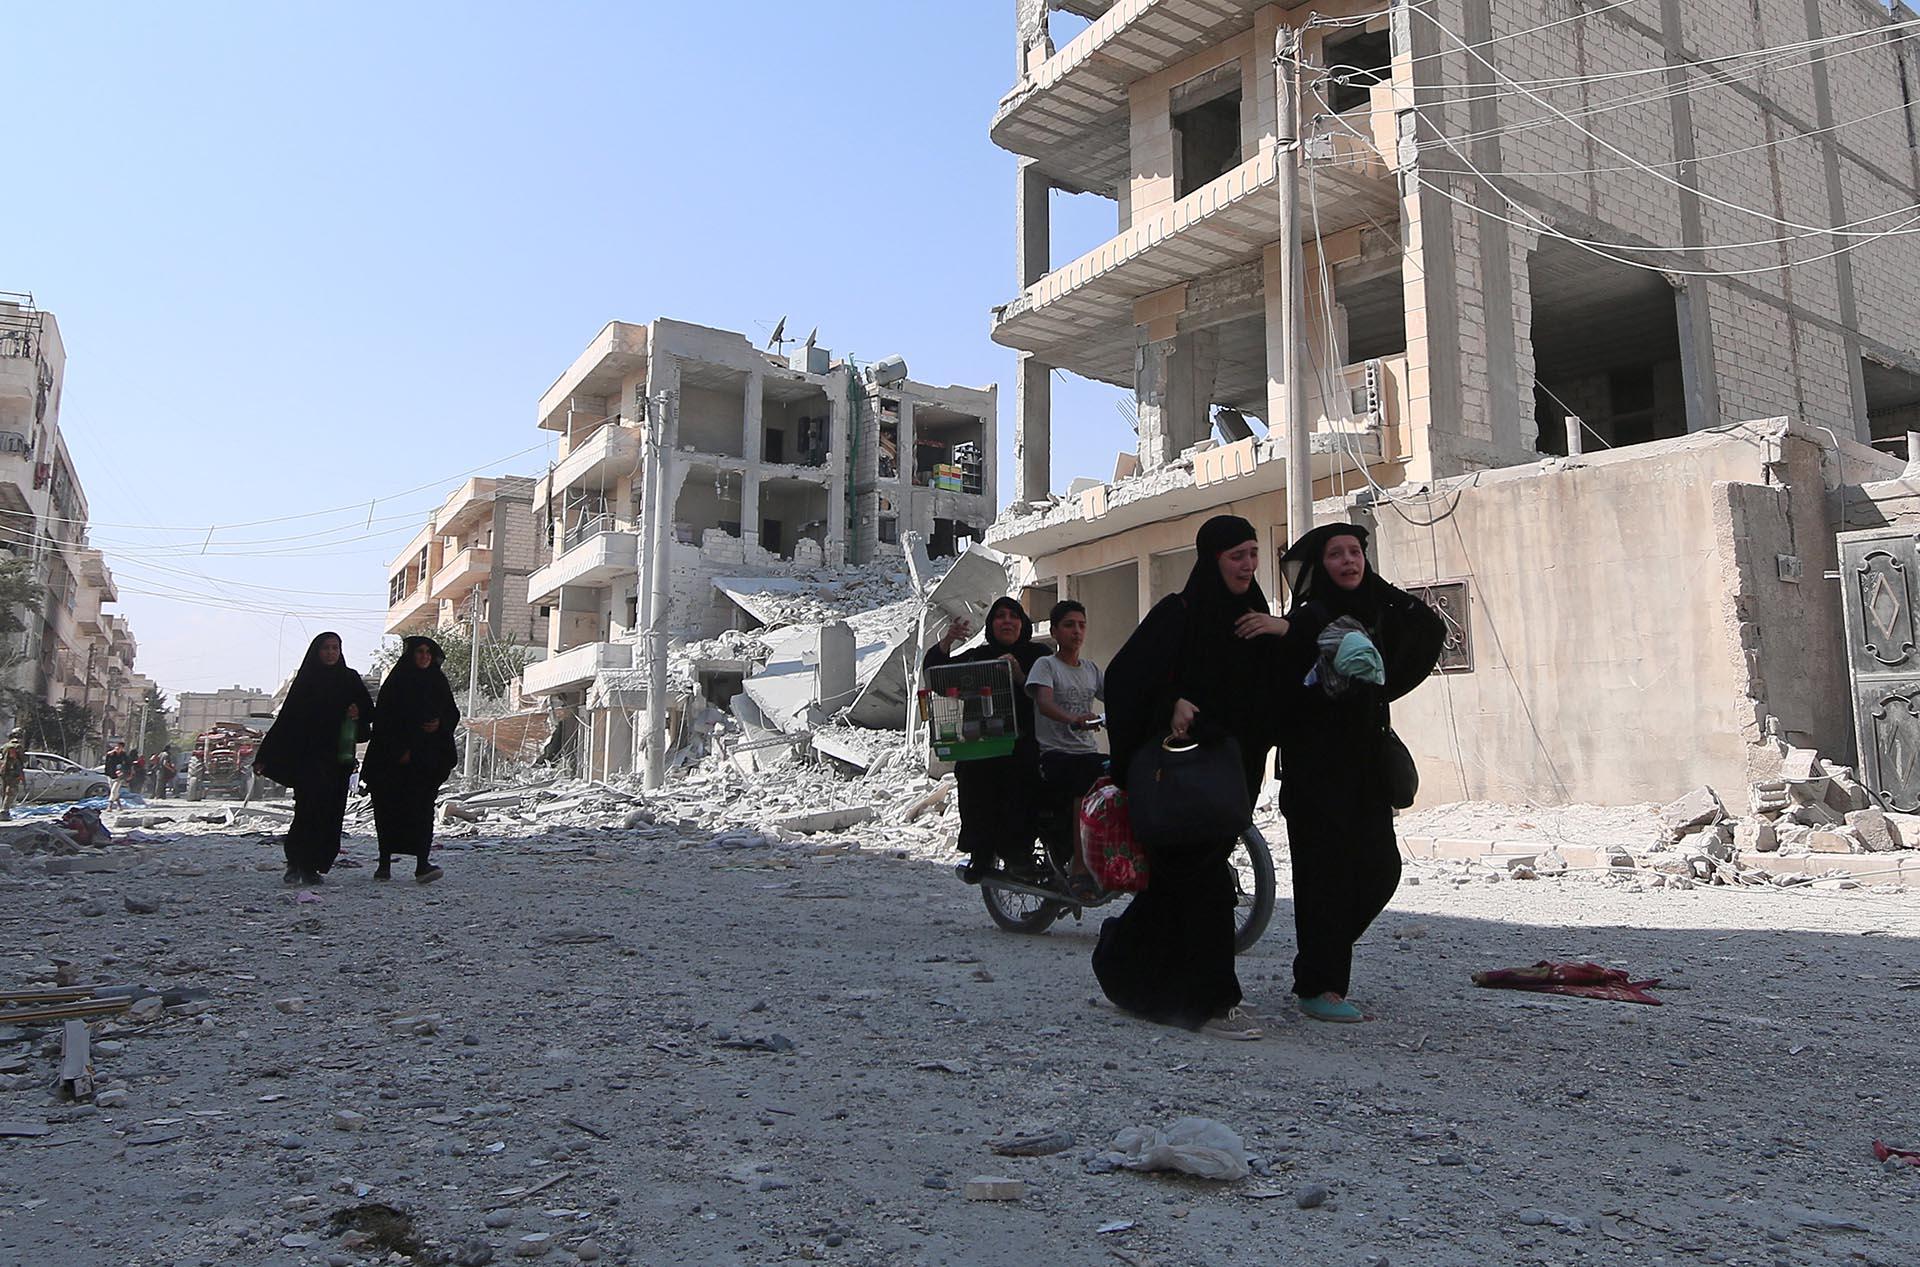 Las mujeres de Manbij comienzan a mostrar sus rostros luego de dos años y medio de pesadilla (Reuters)